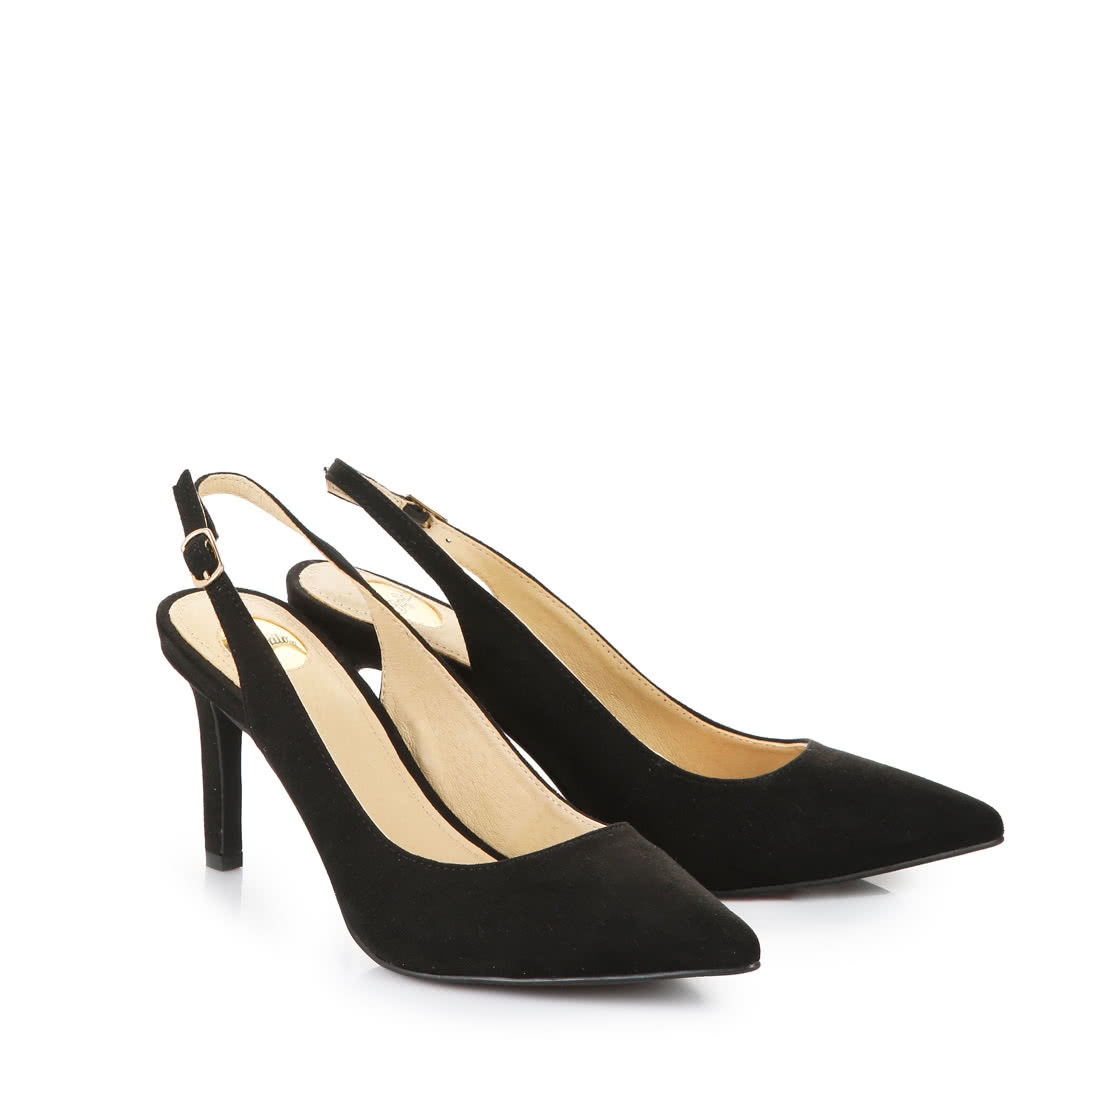 buy popular d0bf2 9daf8 Buffalo sling-back heels in black buy online in BUFFALO ...